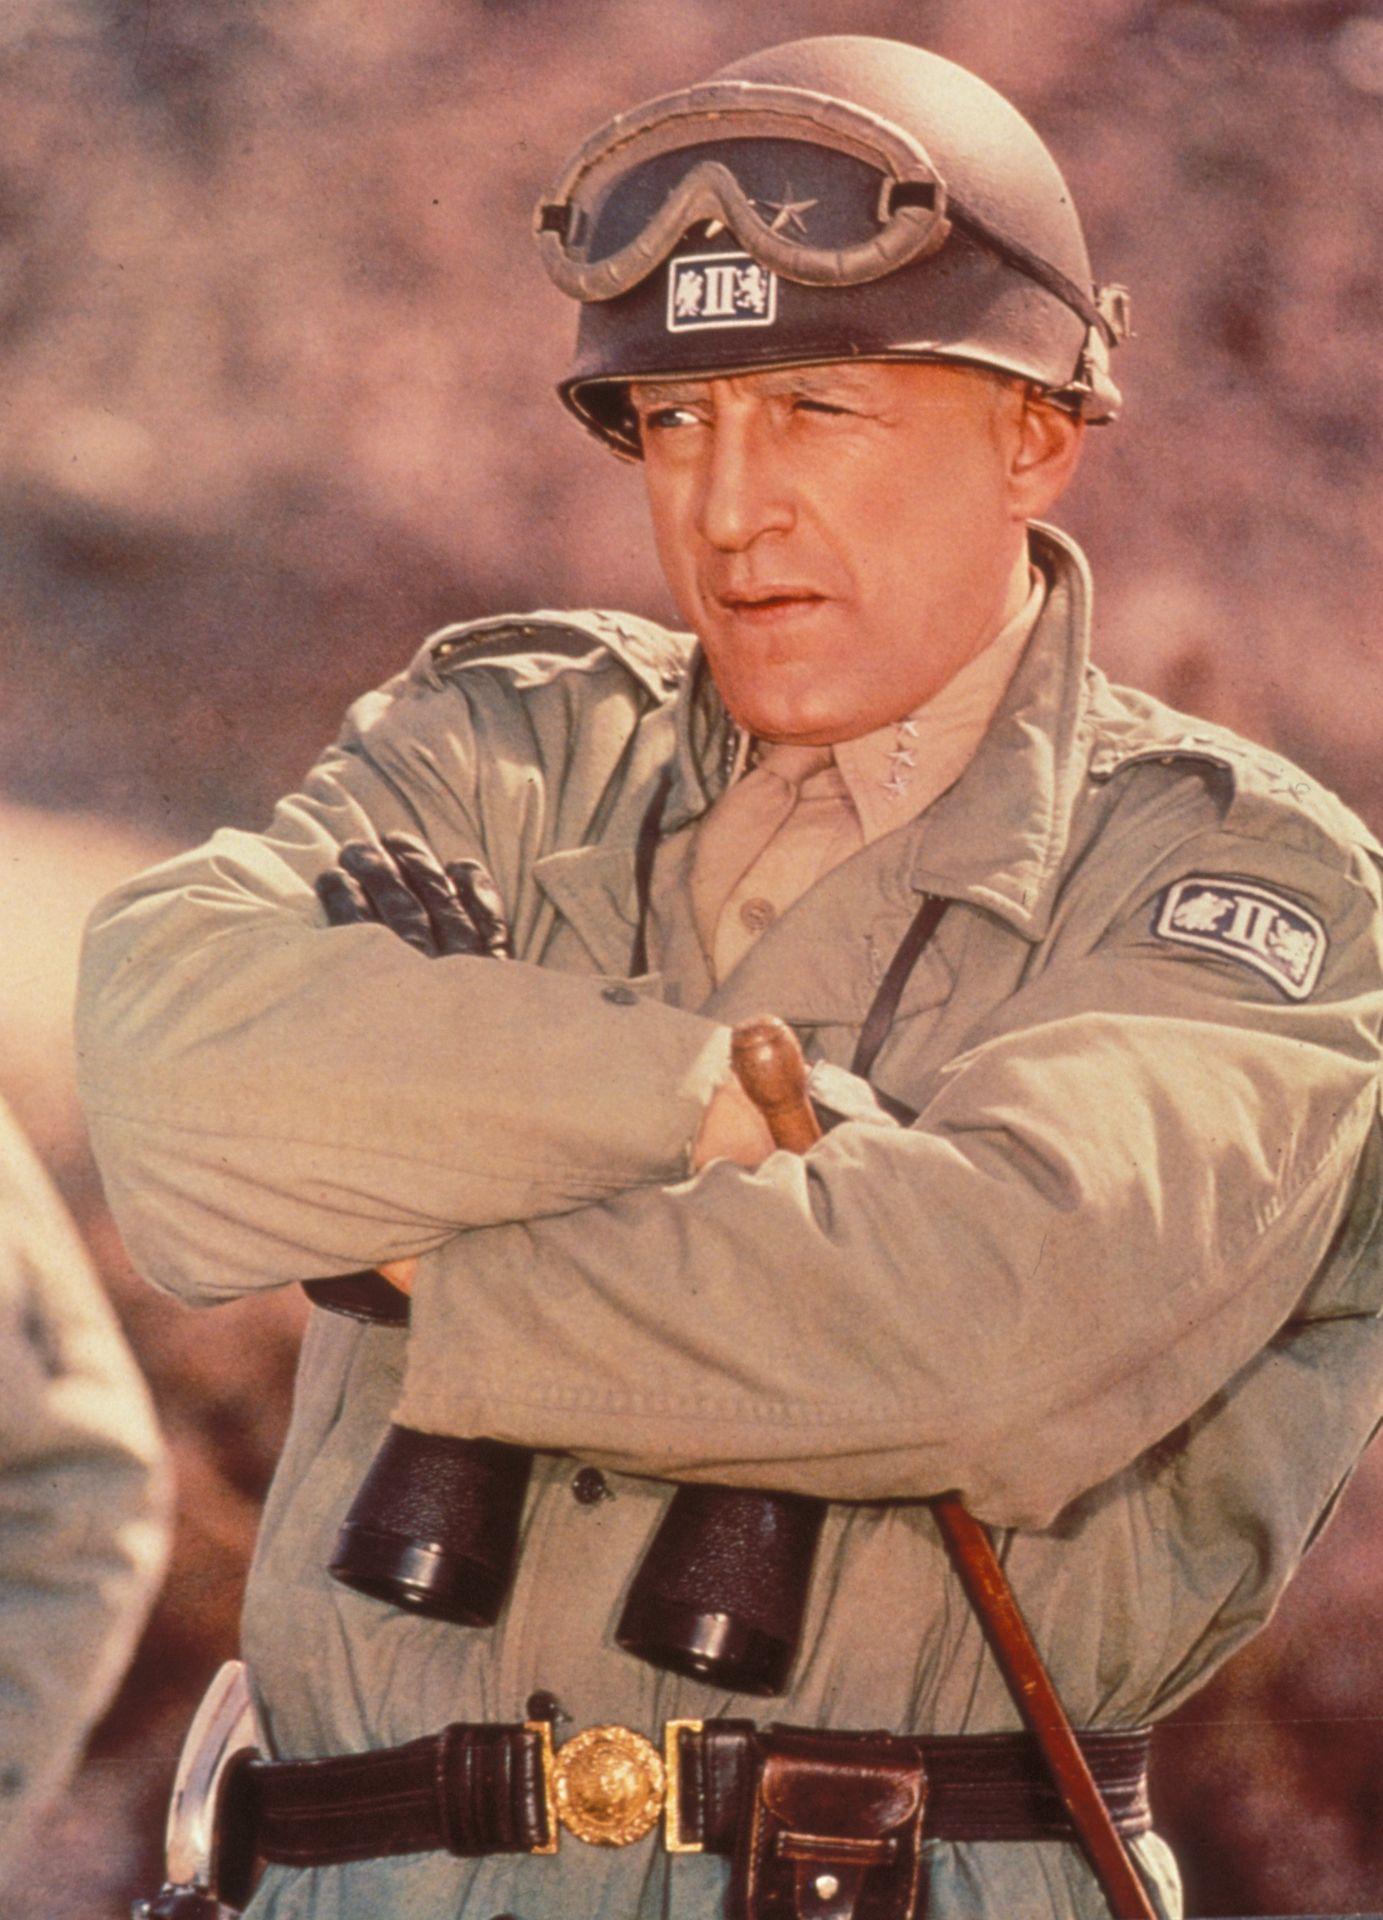 Episode 65 War Movies Patton Movie Still 1970 George C Scott As Gen George S Patton Met Afbeeldingen 1970s Film